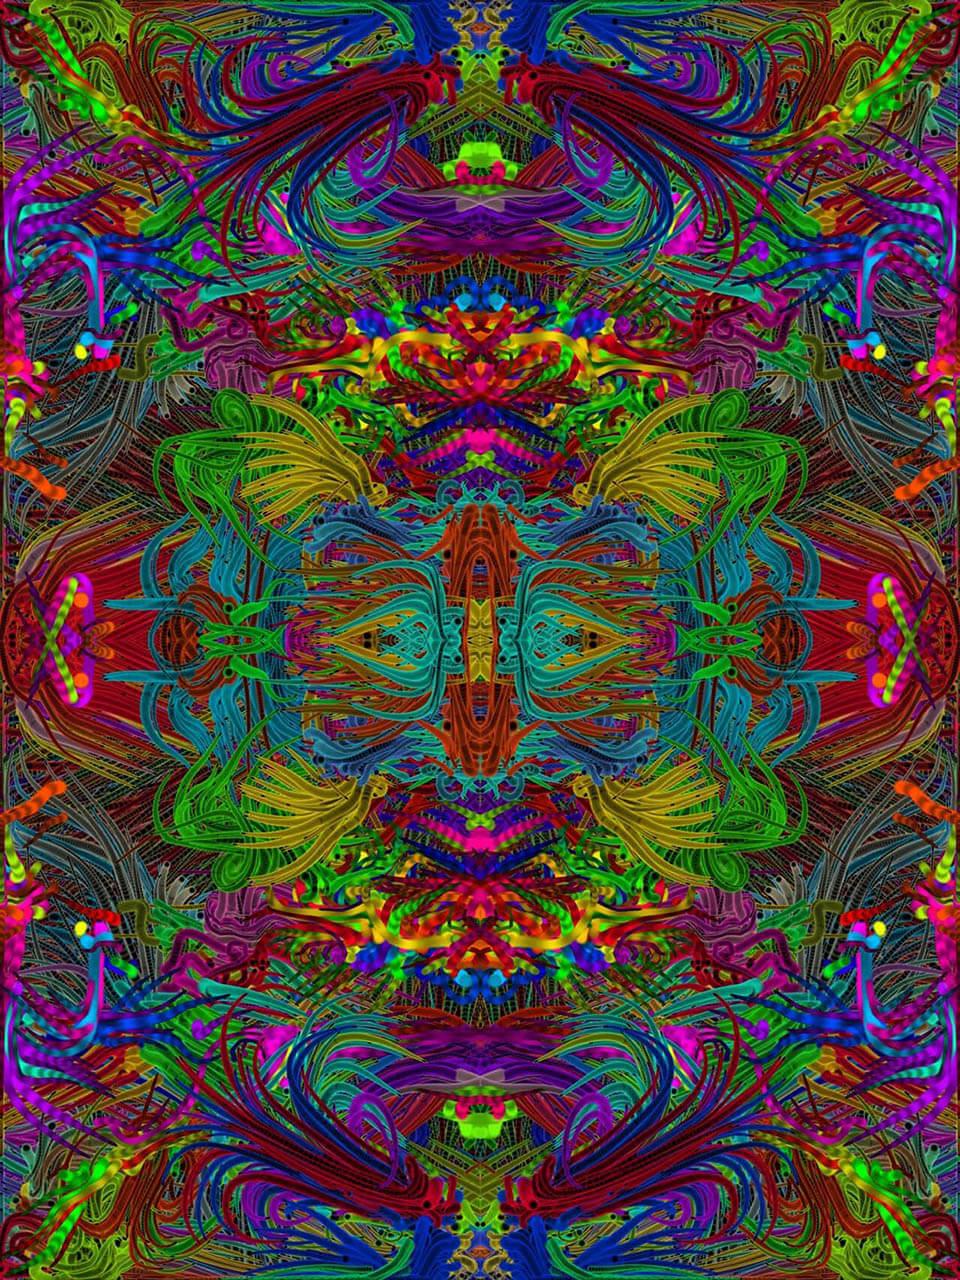 HappyOnderdeel van vierluik DIGITALE schilderijen Herfst, Happy,Bloemen in art-deco stijl en winter27 x 20 cmDigitale schildering2015 en 2016